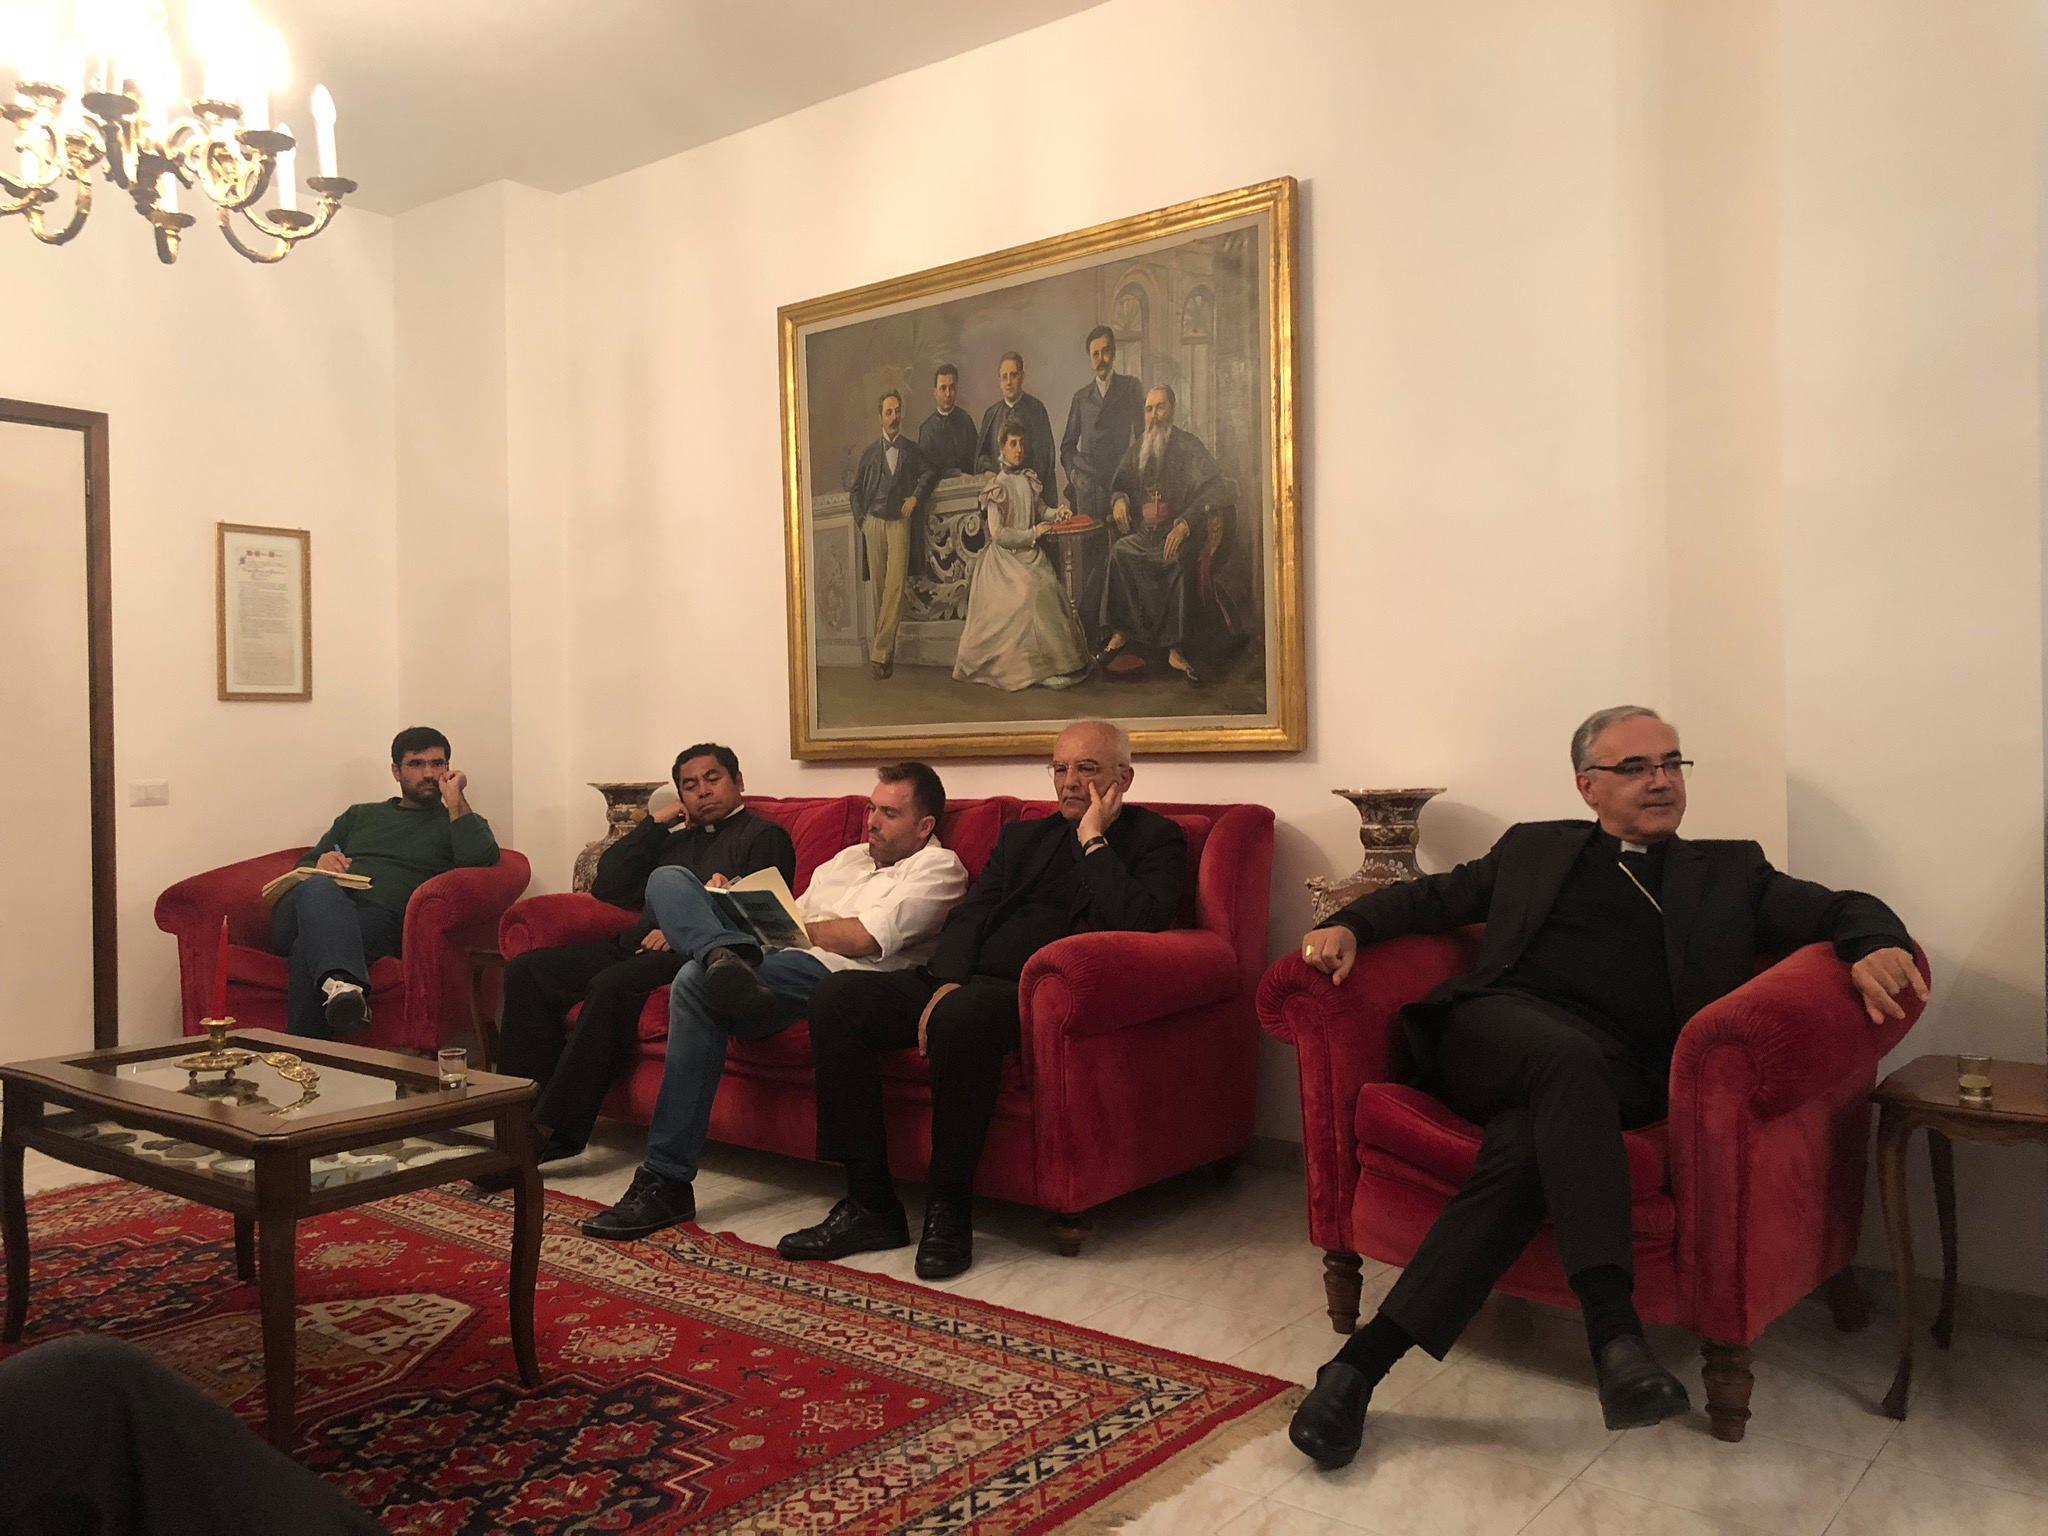 Bispos portugueses no colégio português2